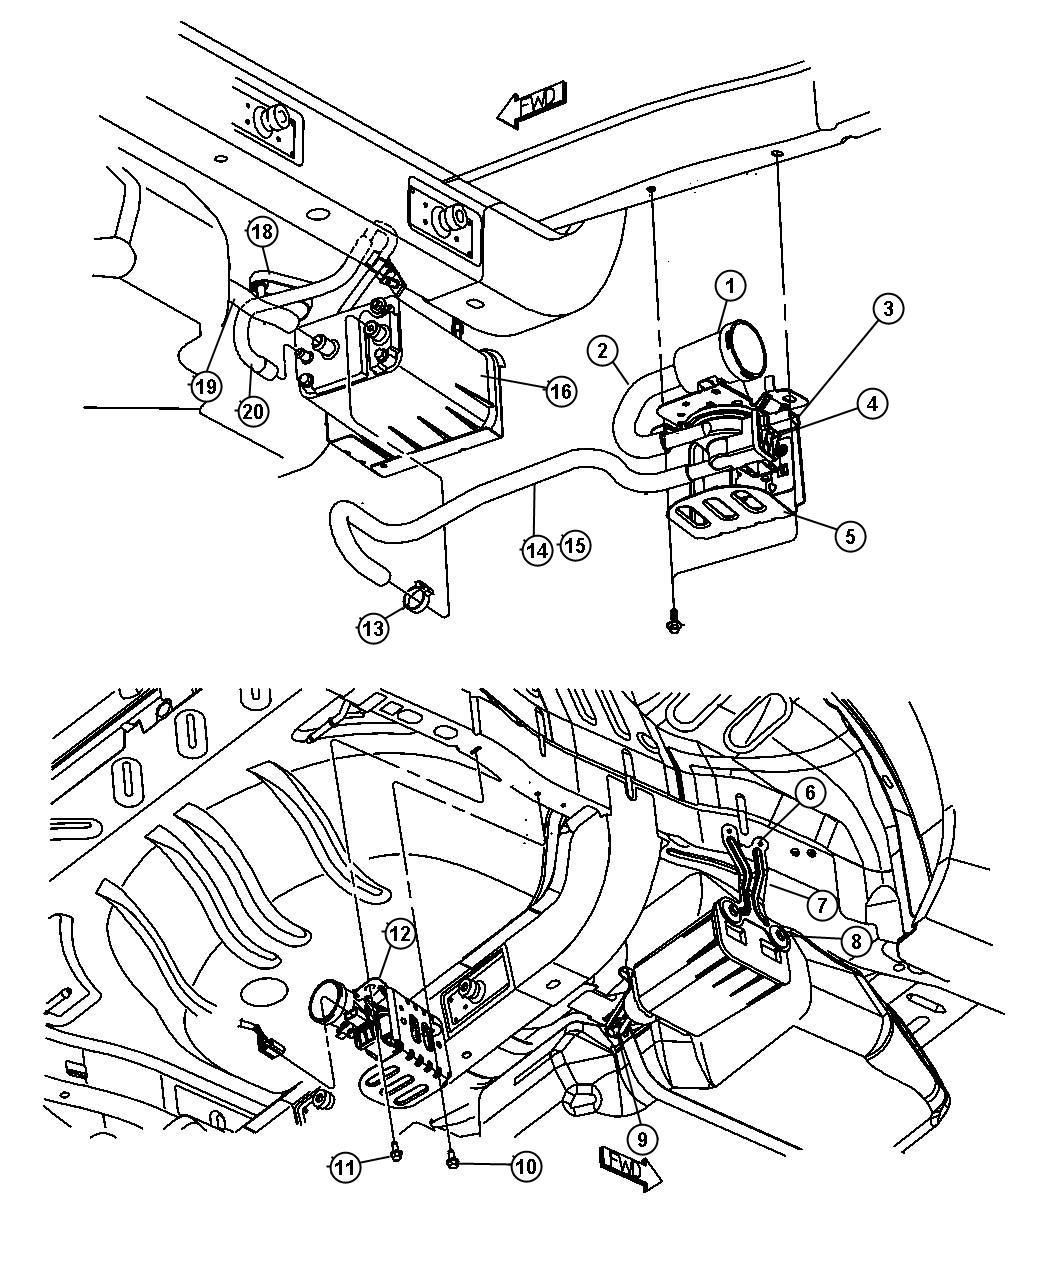 Dodge Neon Fuel Vapor Leak Detection Pump Dodge Free